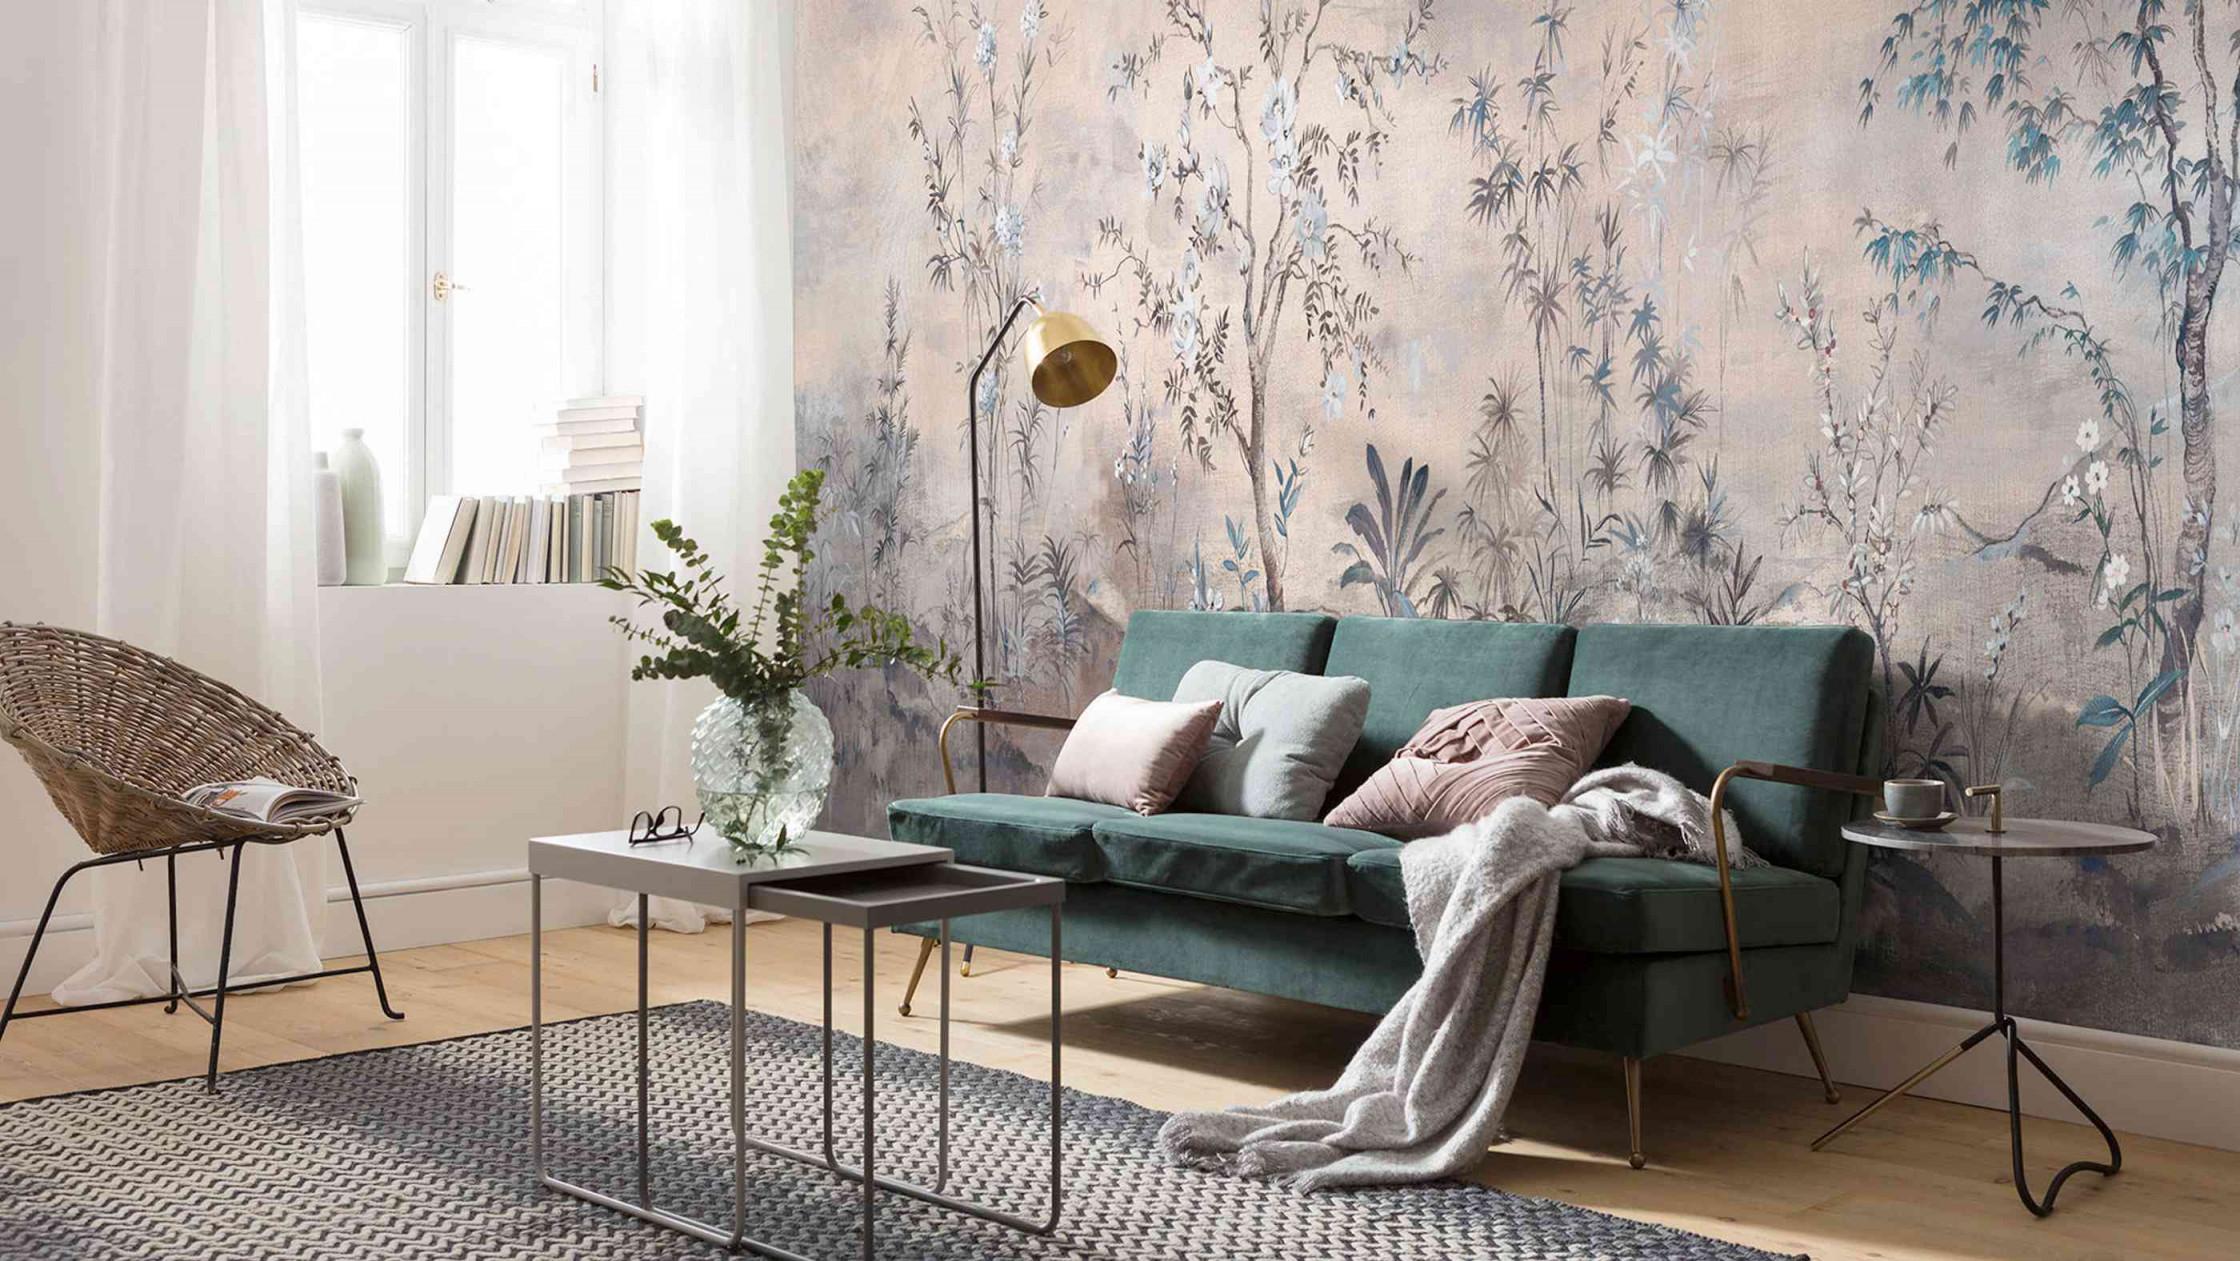 Tapetentrends 2020 So Sehen Die Tapeten Der Zukunft Aus von Schöne Tapeten Für Das Wohnzimmer Photo